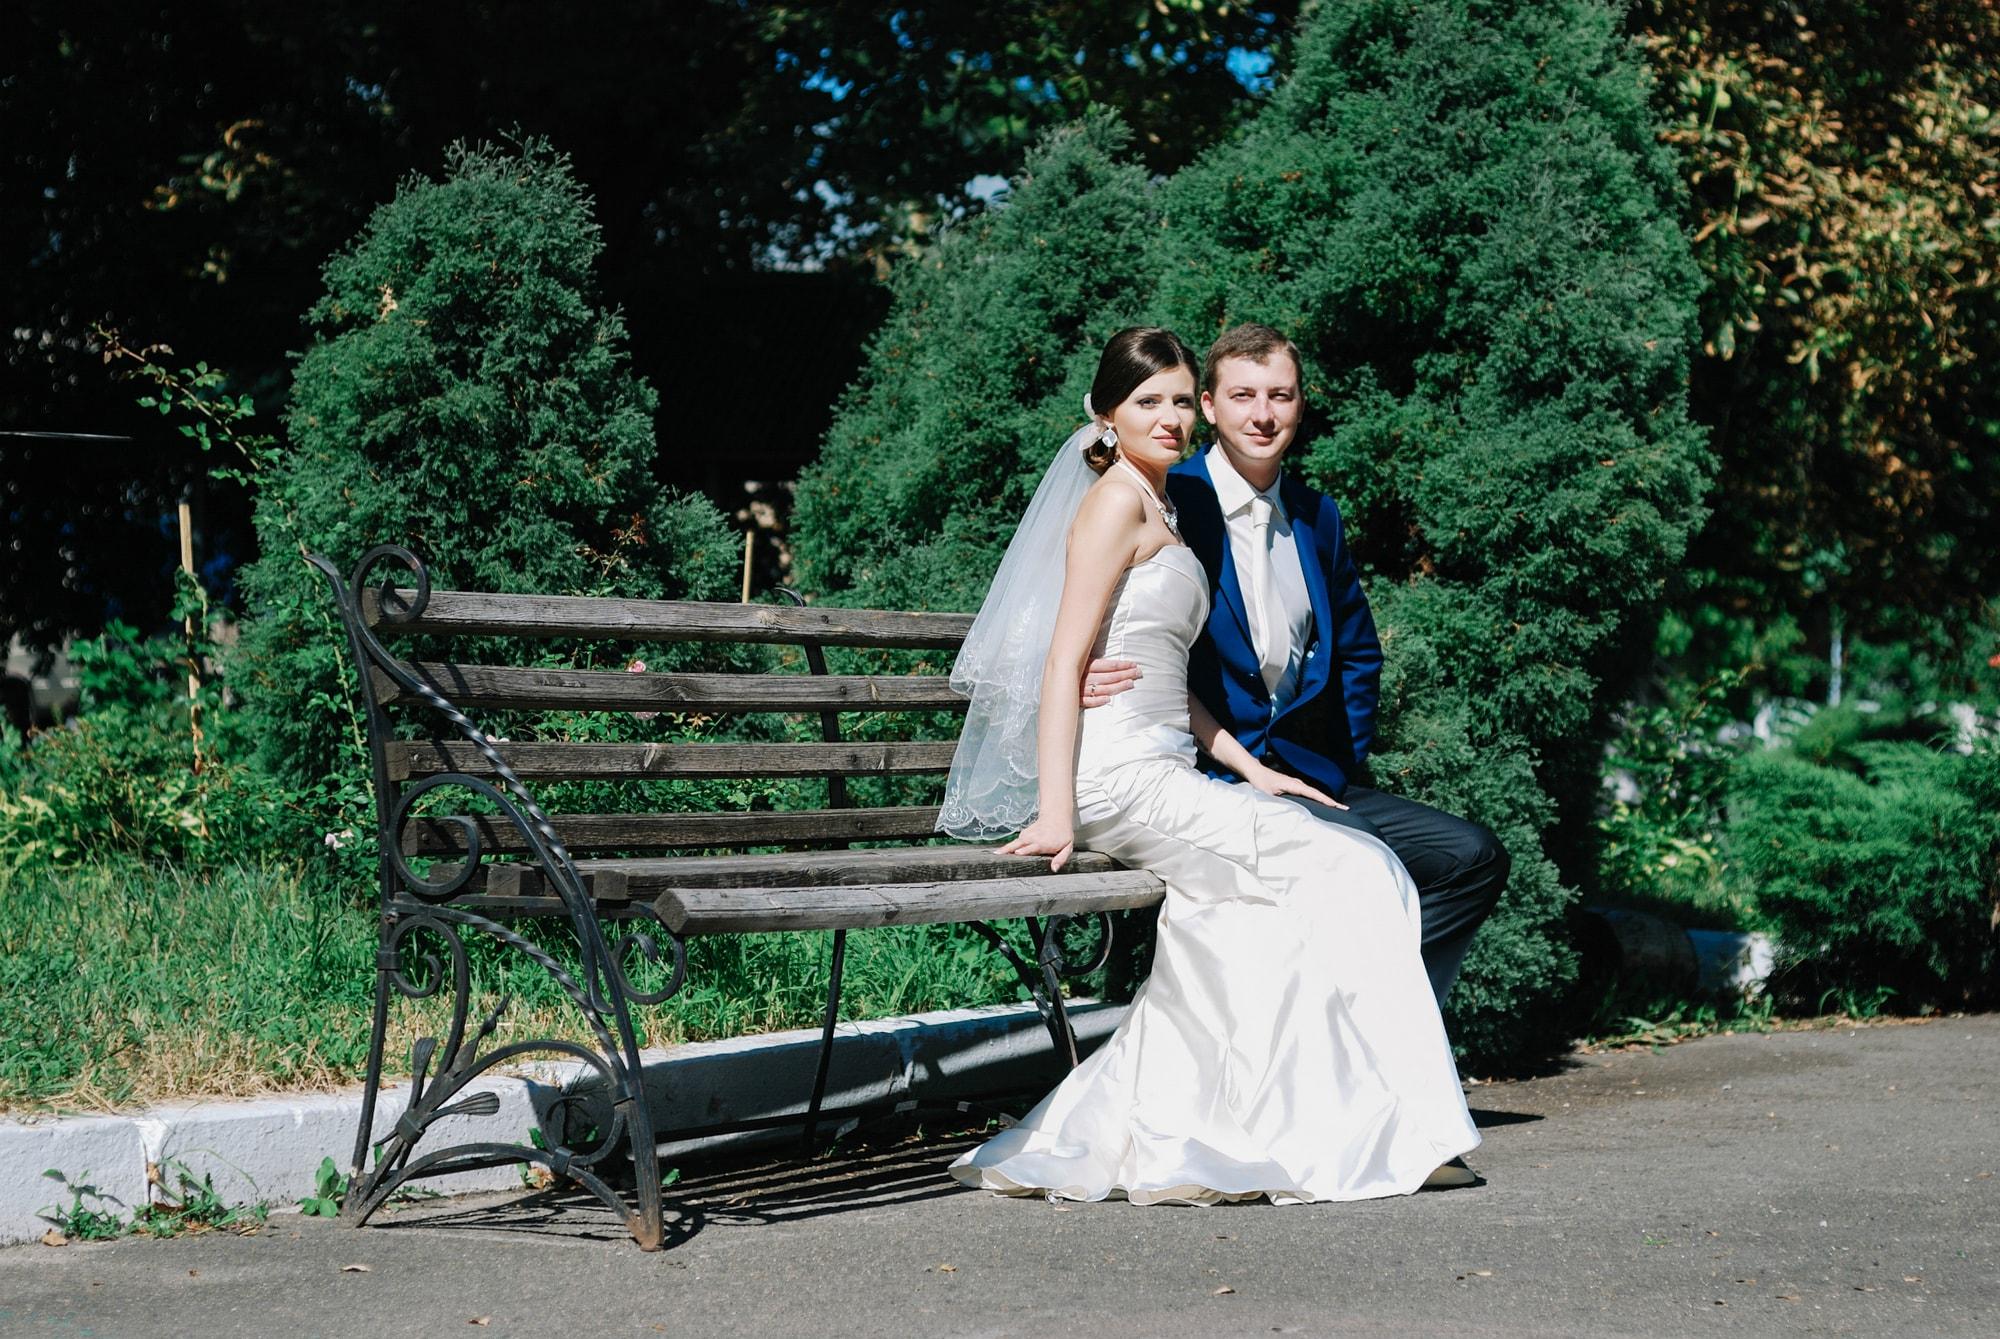 Пара на скамейке в парке - Фотограф Киев - Женя Лайт